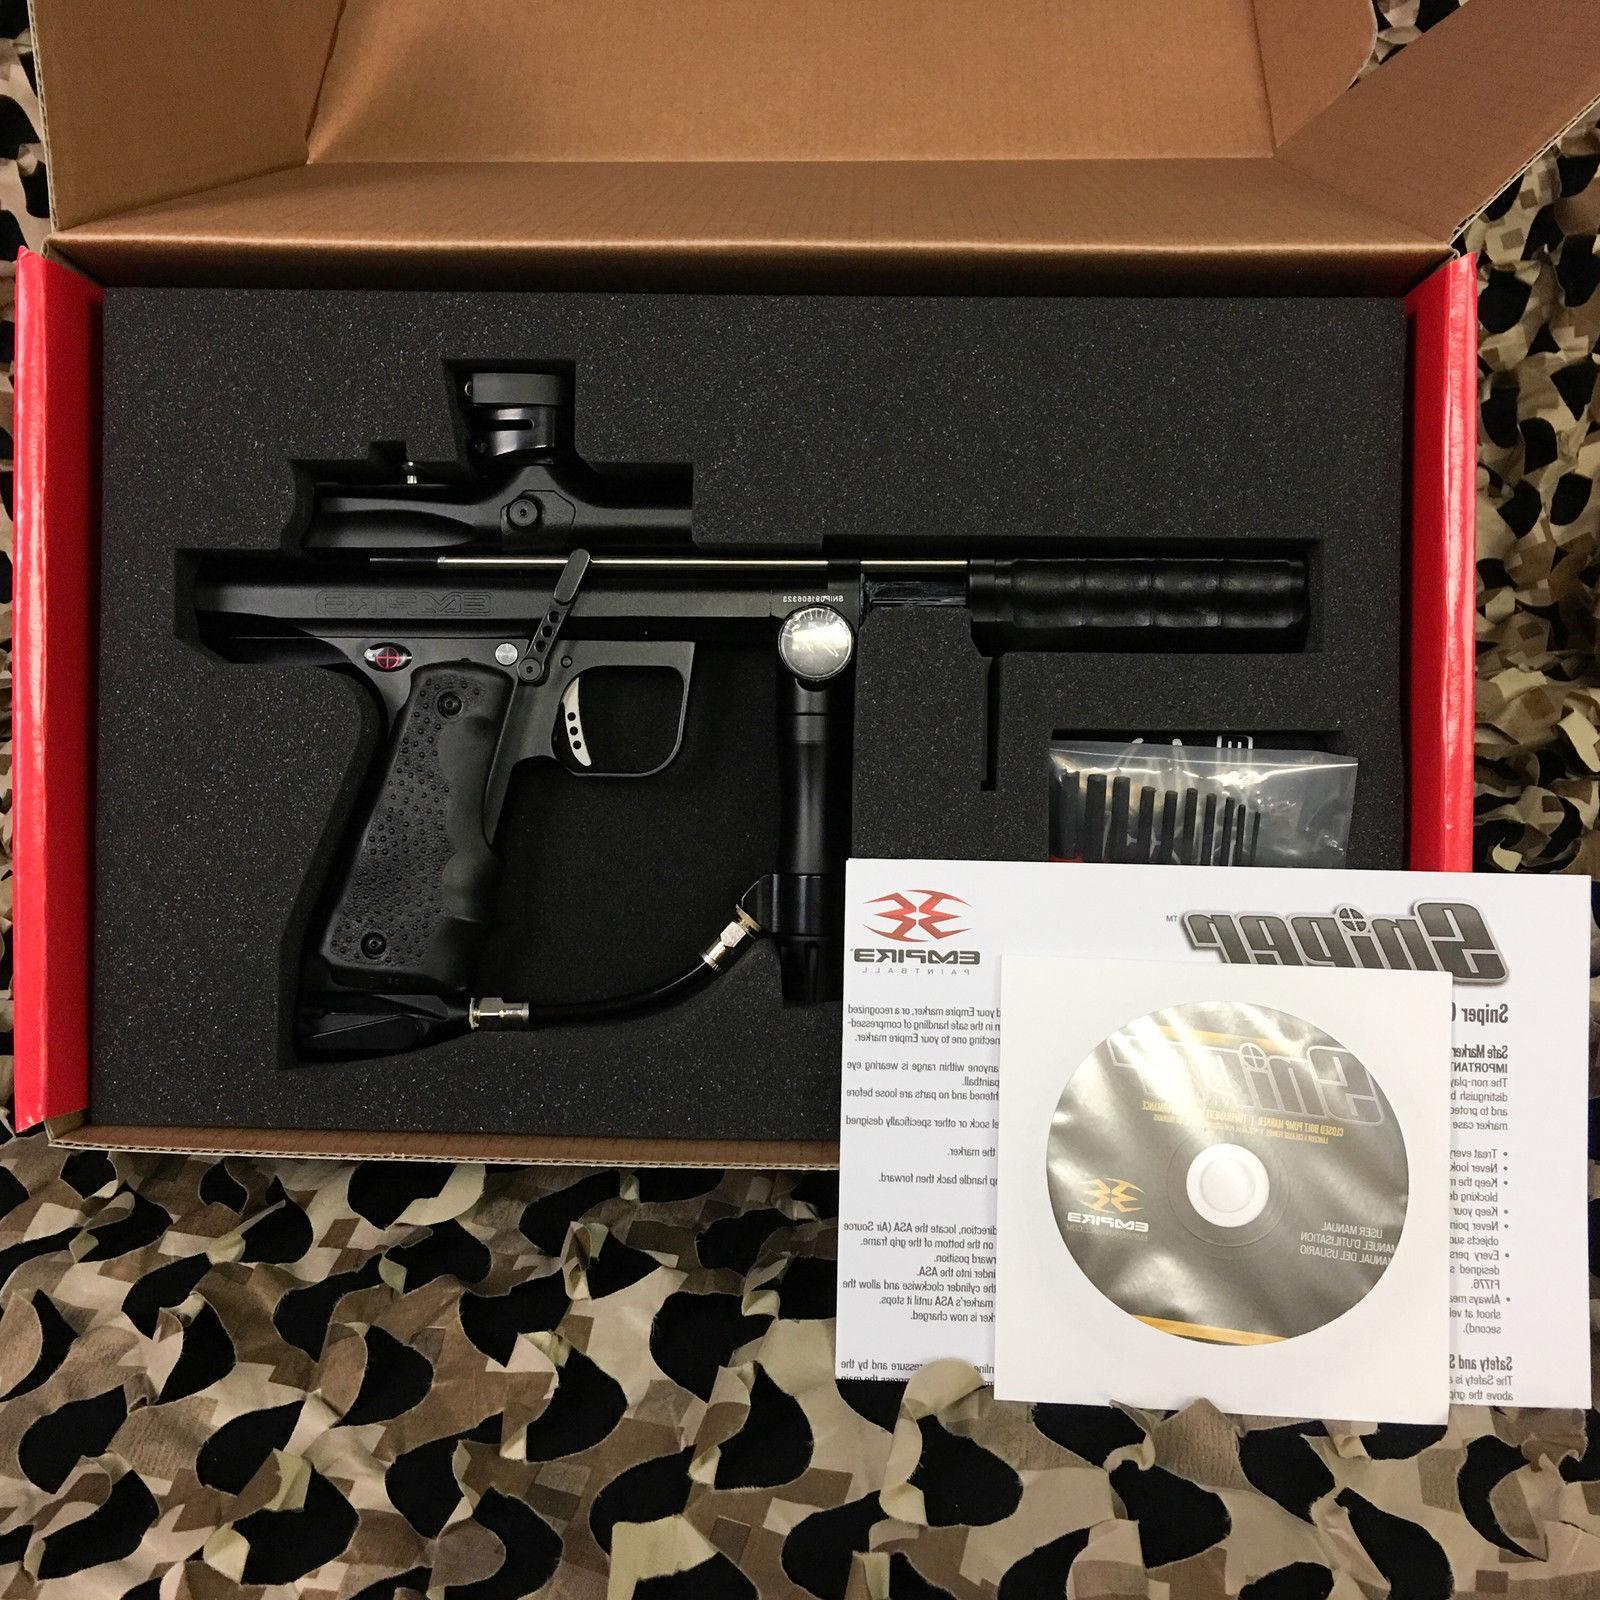 NEW Empire Tournament Pump Paintball Gun Marker